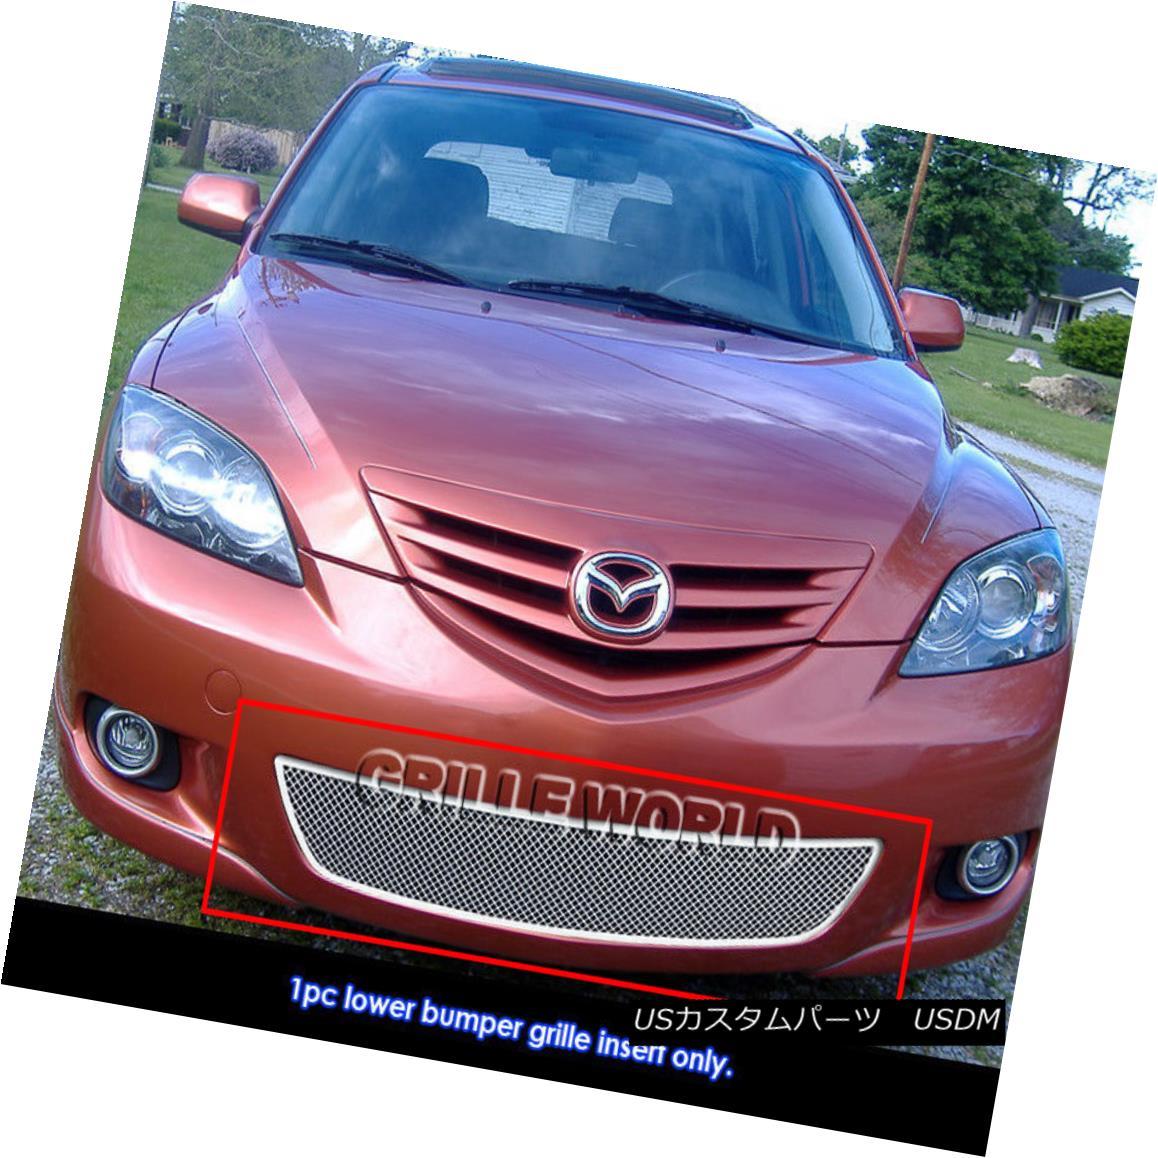 グリル For 2004-2006 Mazda Mazda3 Hatchback Stainless Steel Mesh Grille Grill Insert 2004-2006マツダマツダ3ハッチバックステンレスメッシュグリルグリルインサート用